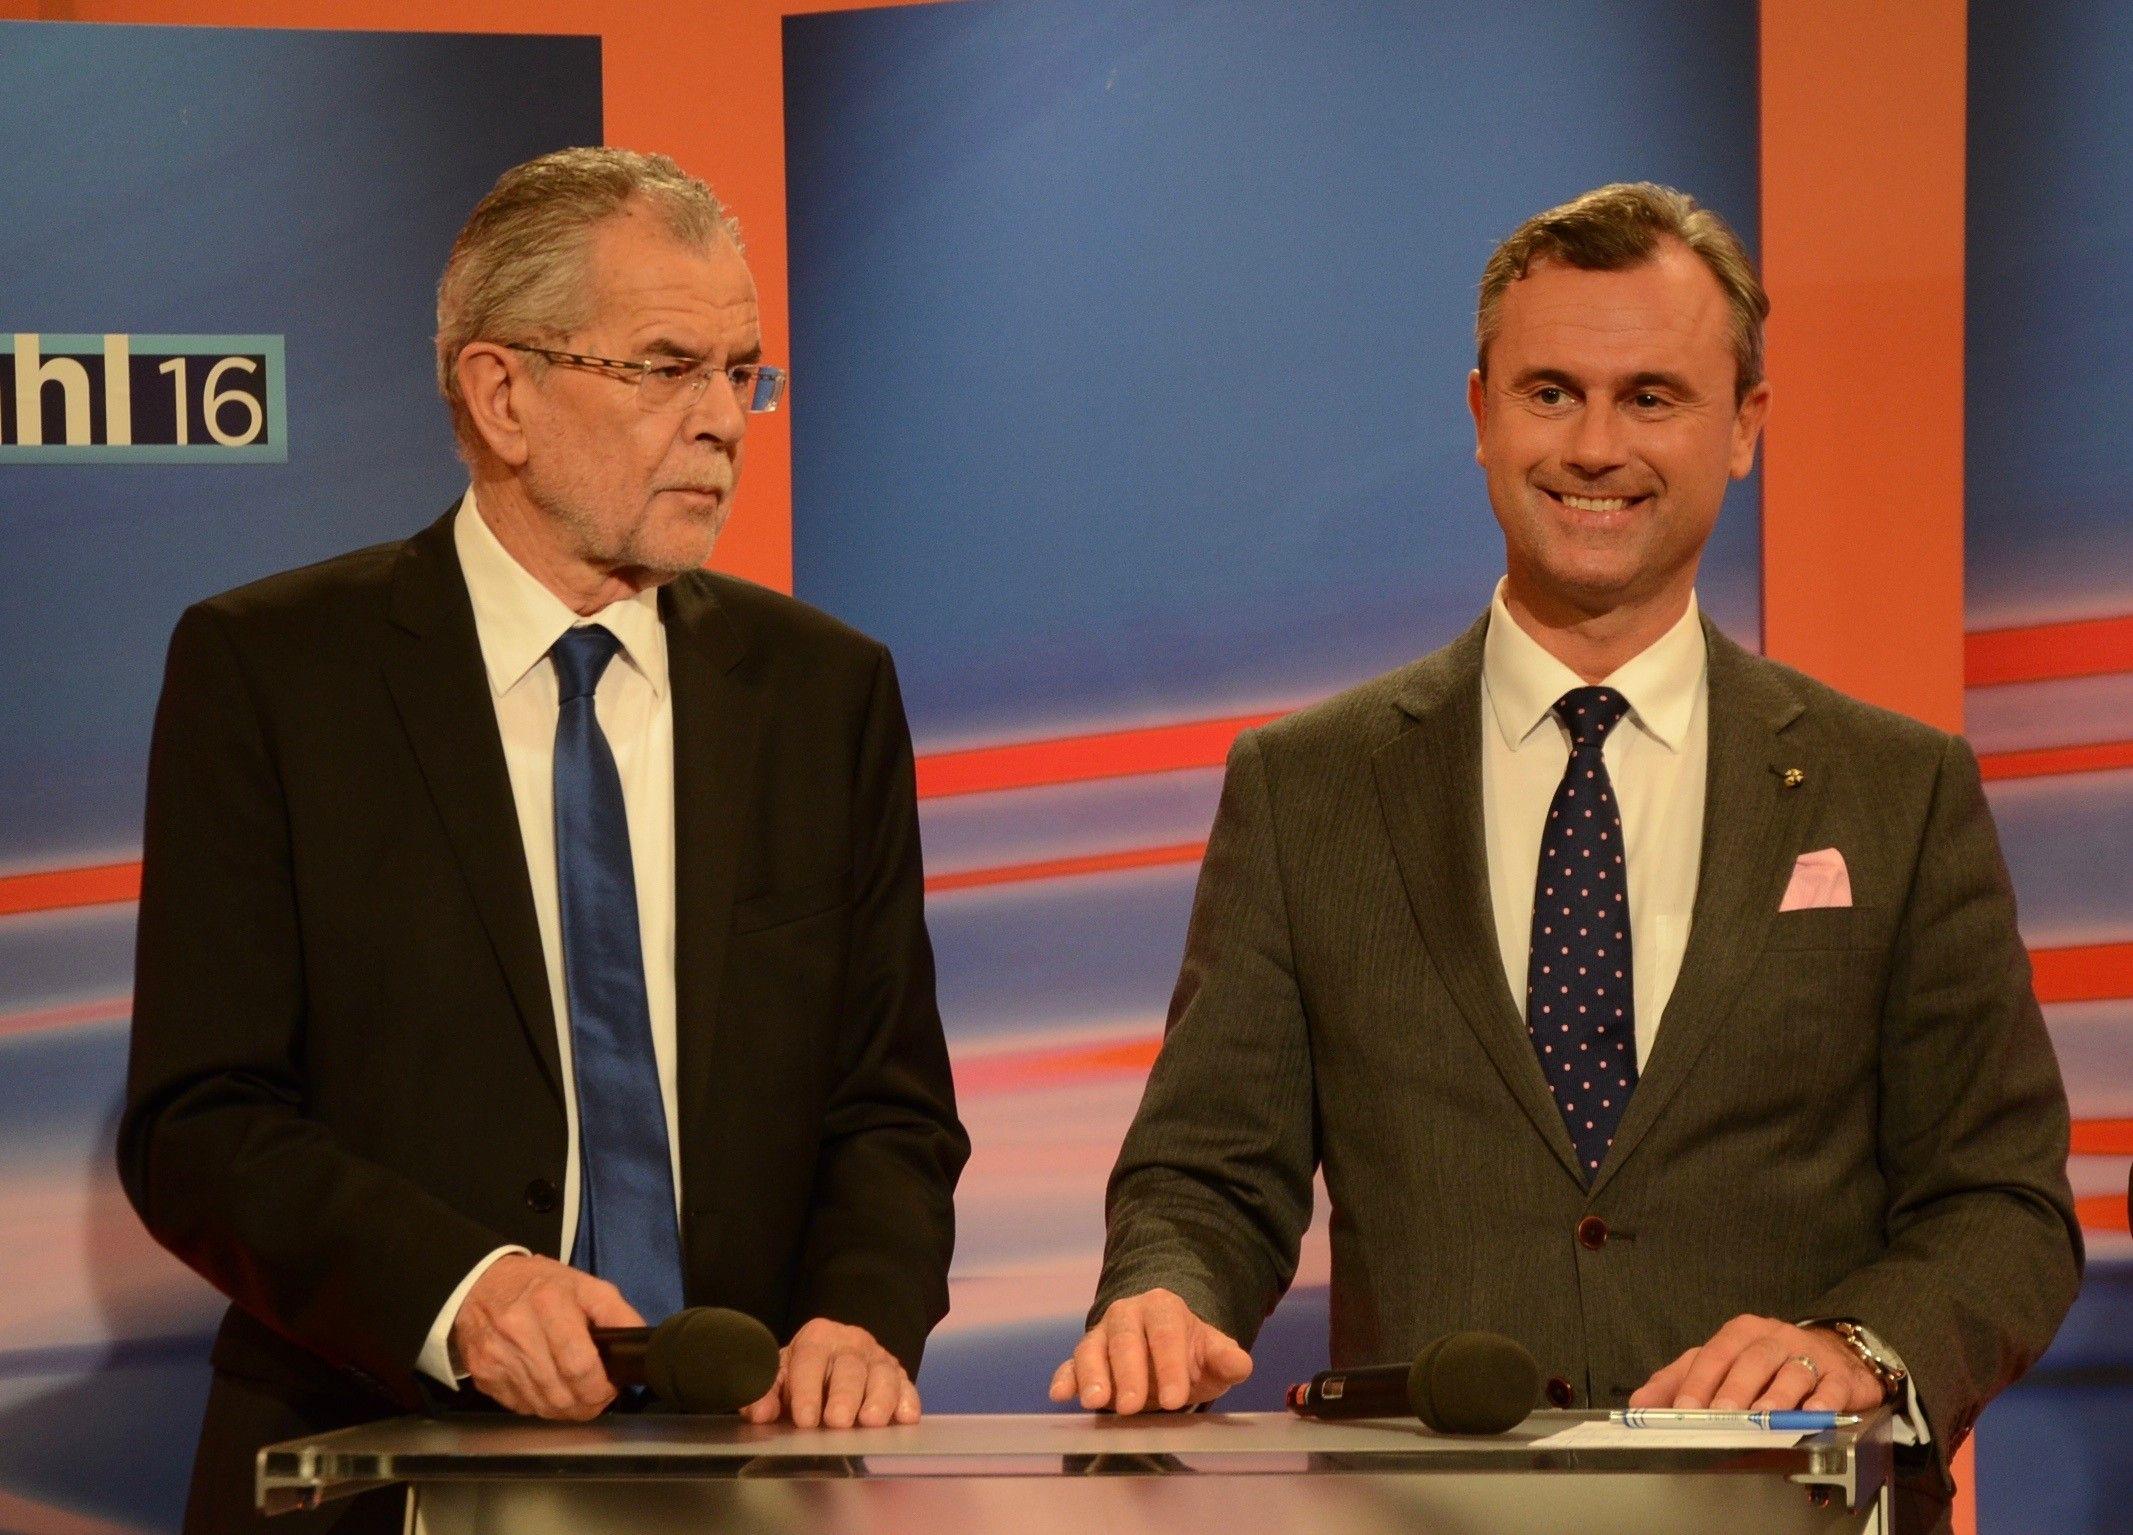 Annyira szoros az osztrák választás, hogy még mindig nem dőlt el, ki lesz az elnök